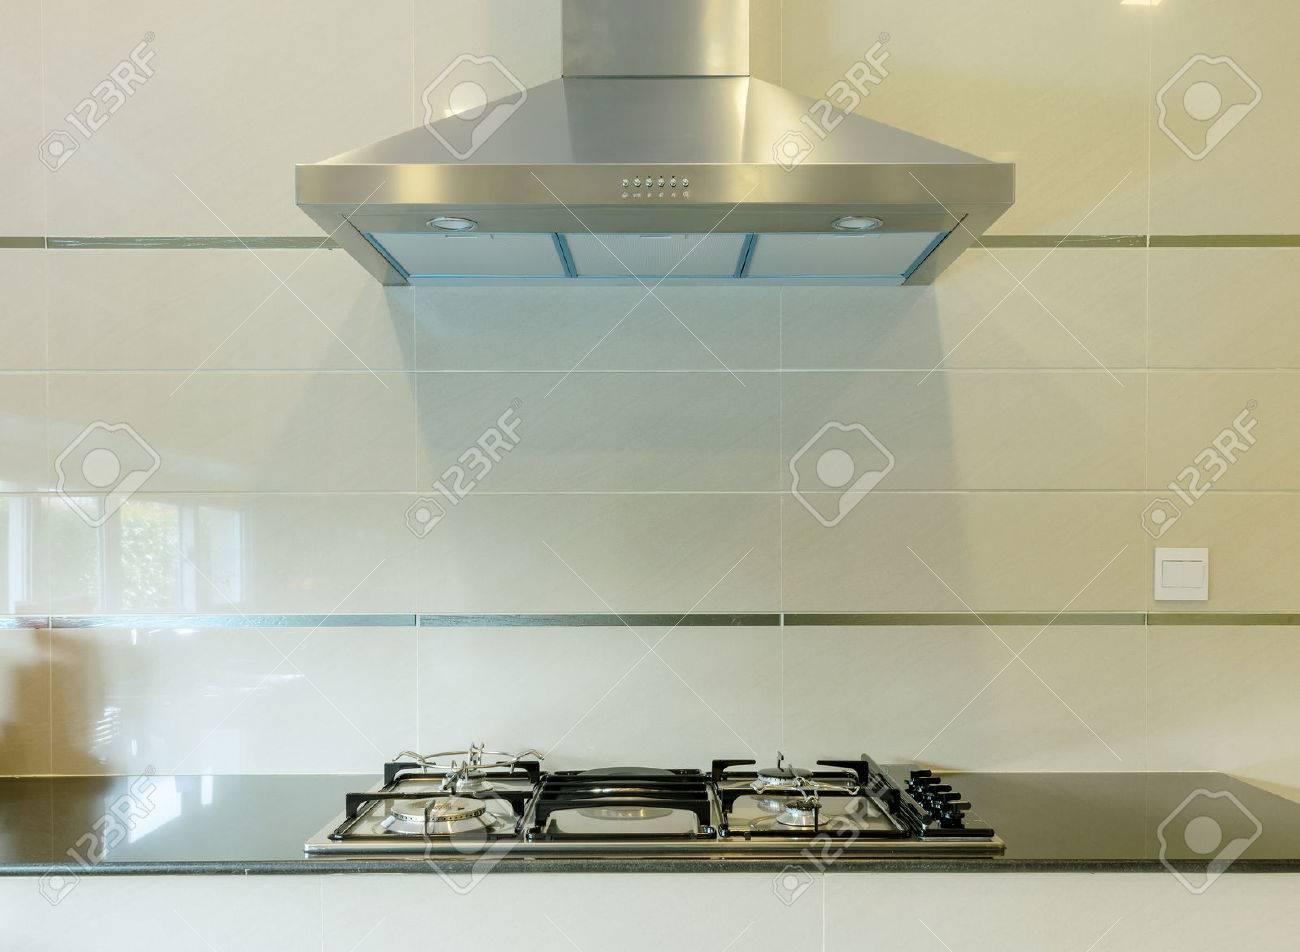 cocinar cocina a gas con campana en la cocina moderna foto de archivo